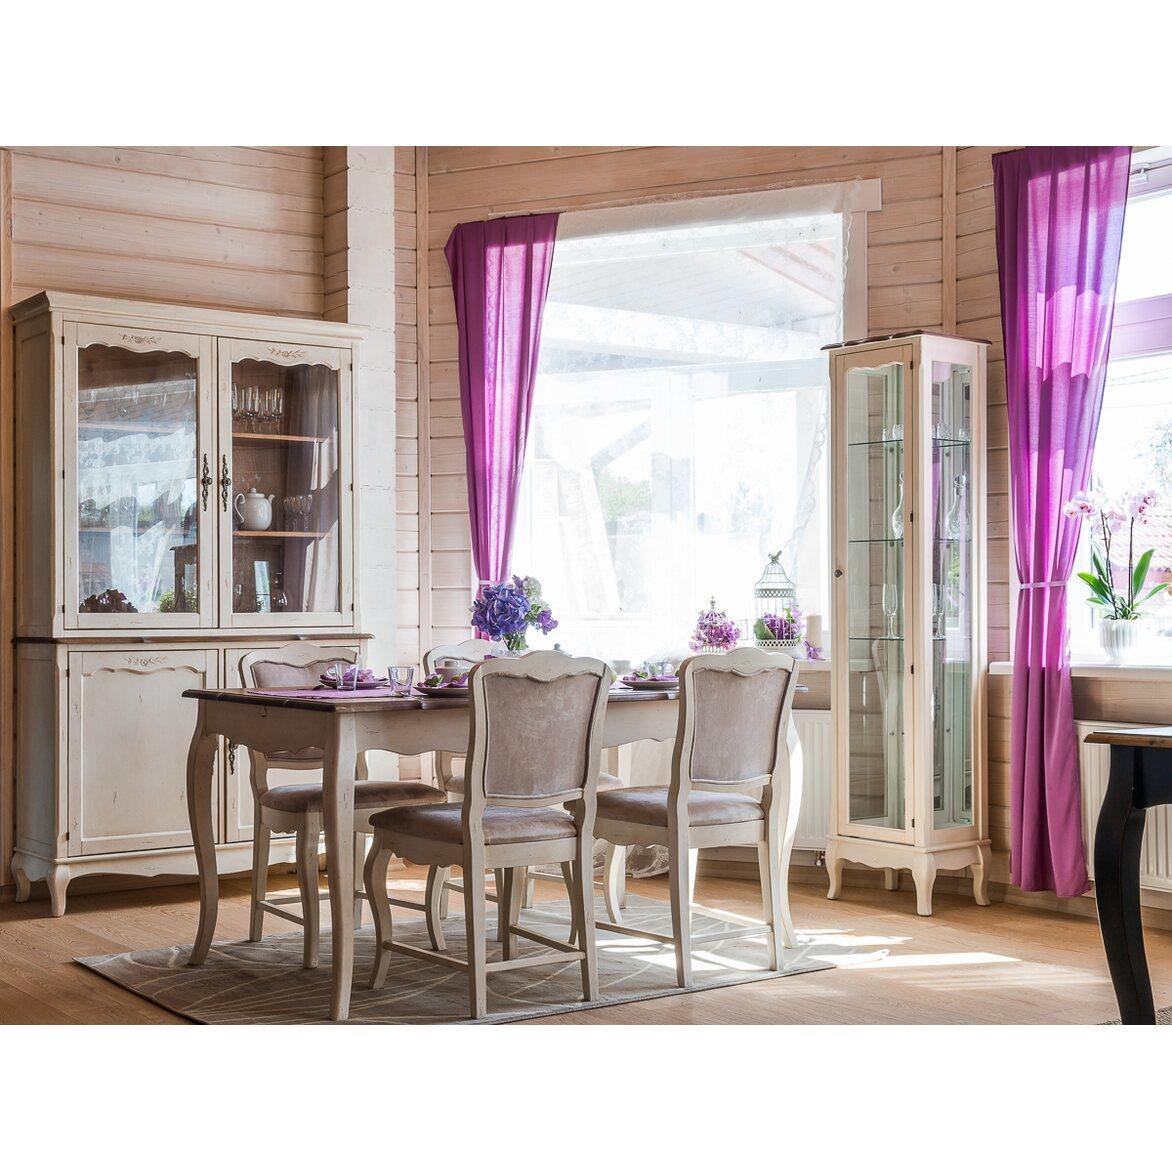 Обеденный стол (малый) Leontina, бежевого цвета 2 | Обеденные столы Kingsby